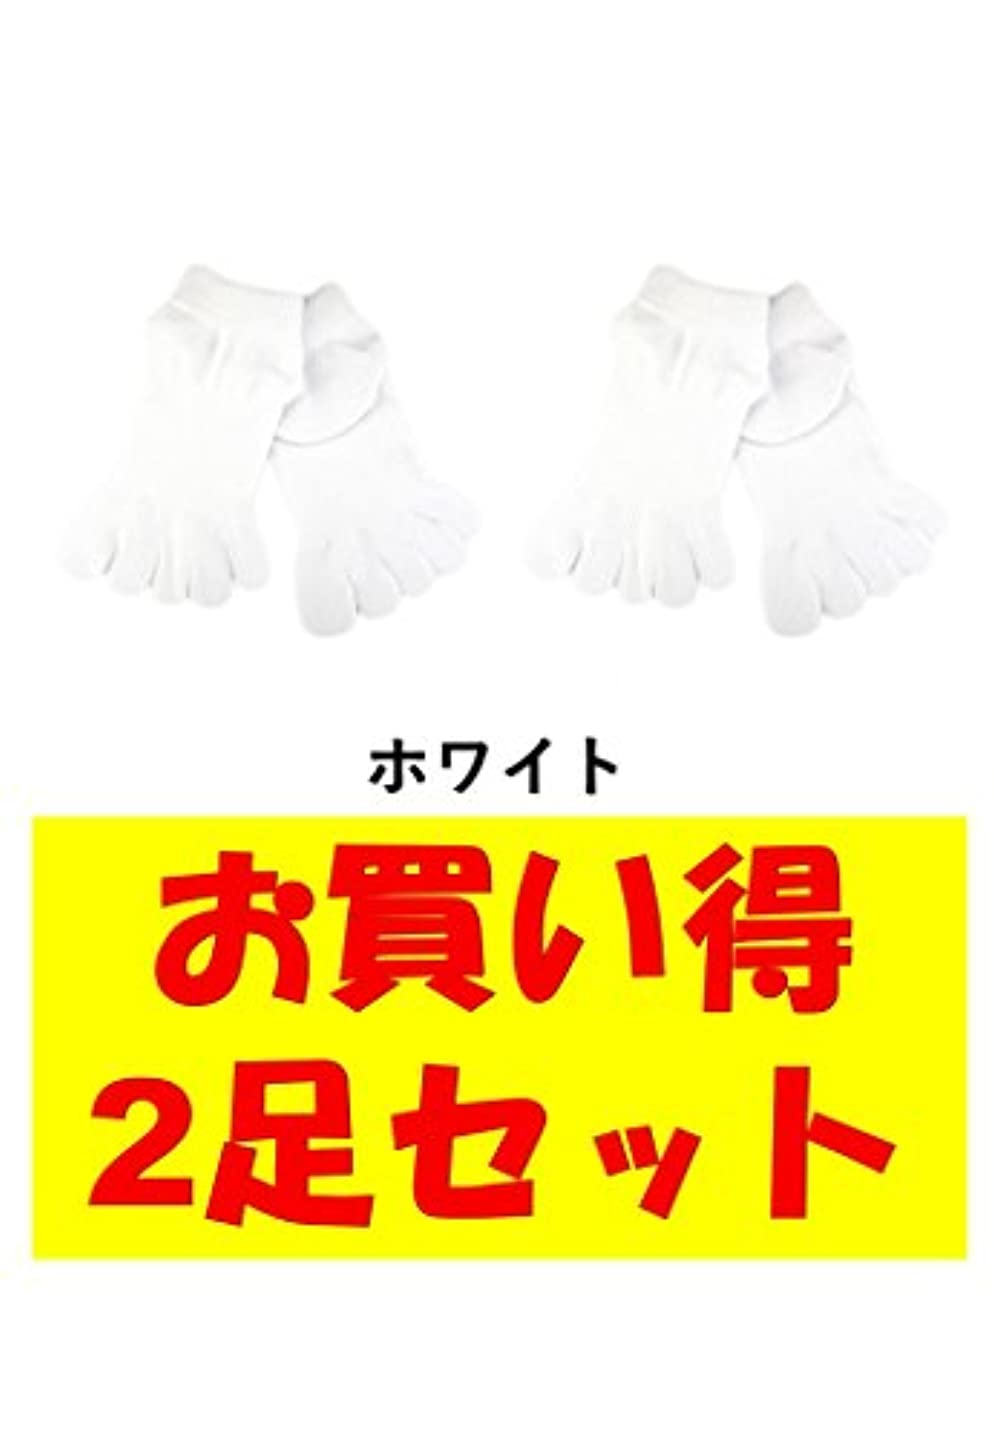 マニア贅沢な独占お買い得2足セット 5本指 ゆびのばソックス ゆびのば アンクル ホワイト Mサイズ 25.0cm-27.5cm YSANKL-WHT